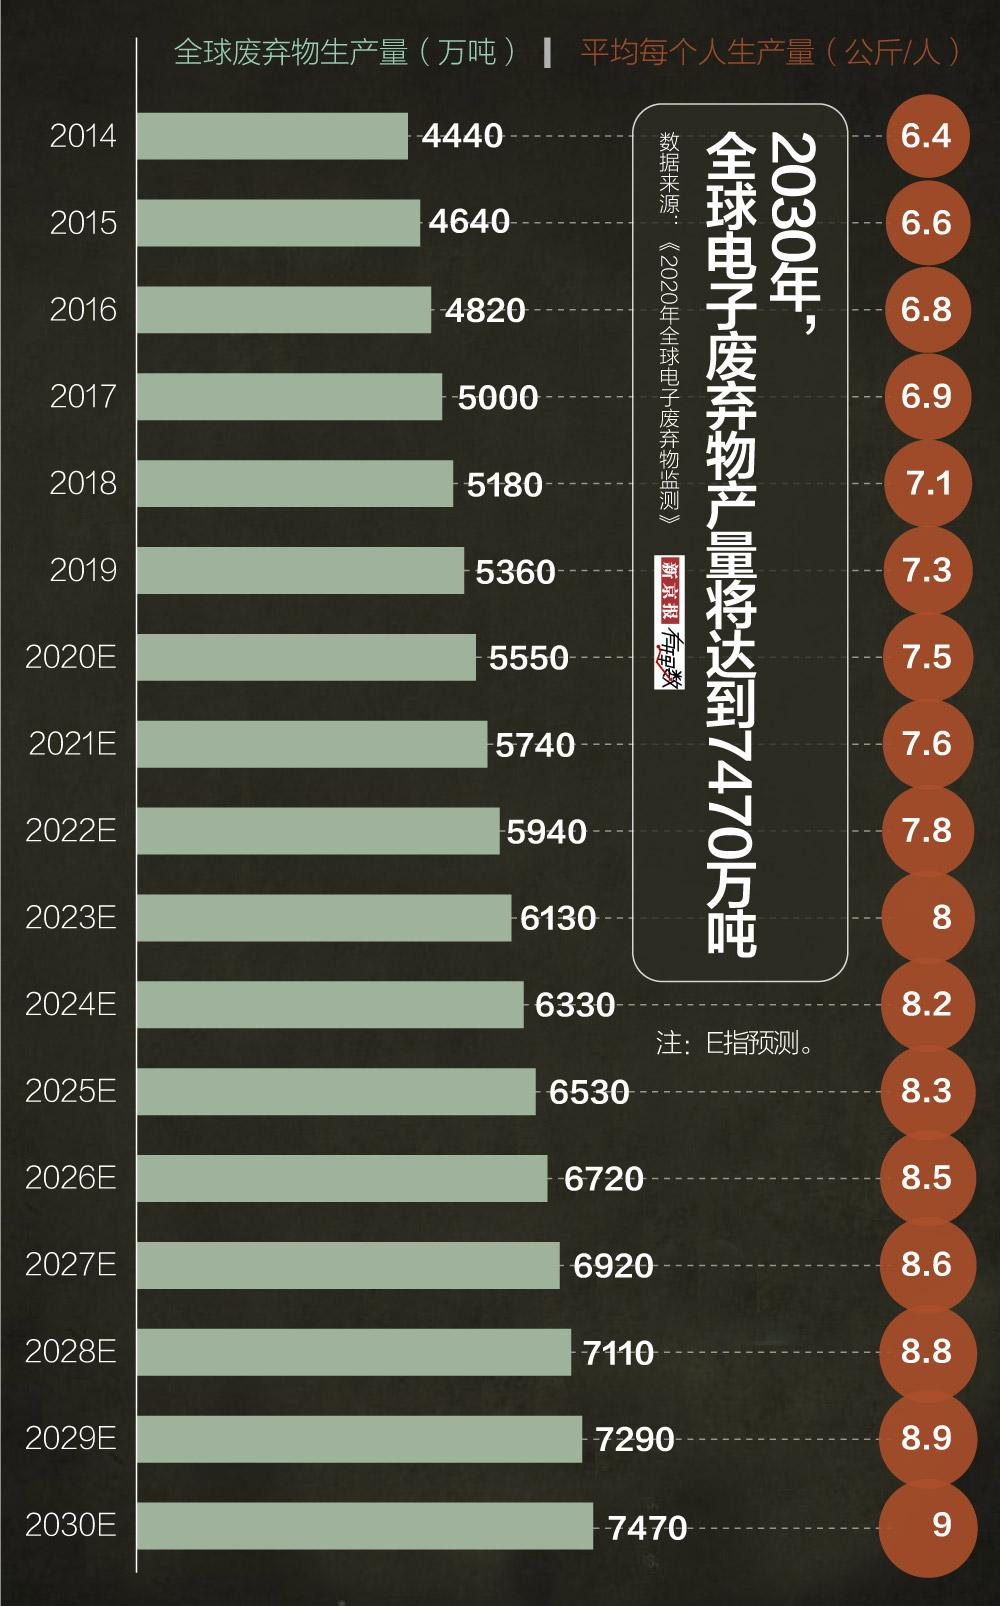 """""""2019年全球制造5360万吨电子垃圾 亚洲生产近一半"""